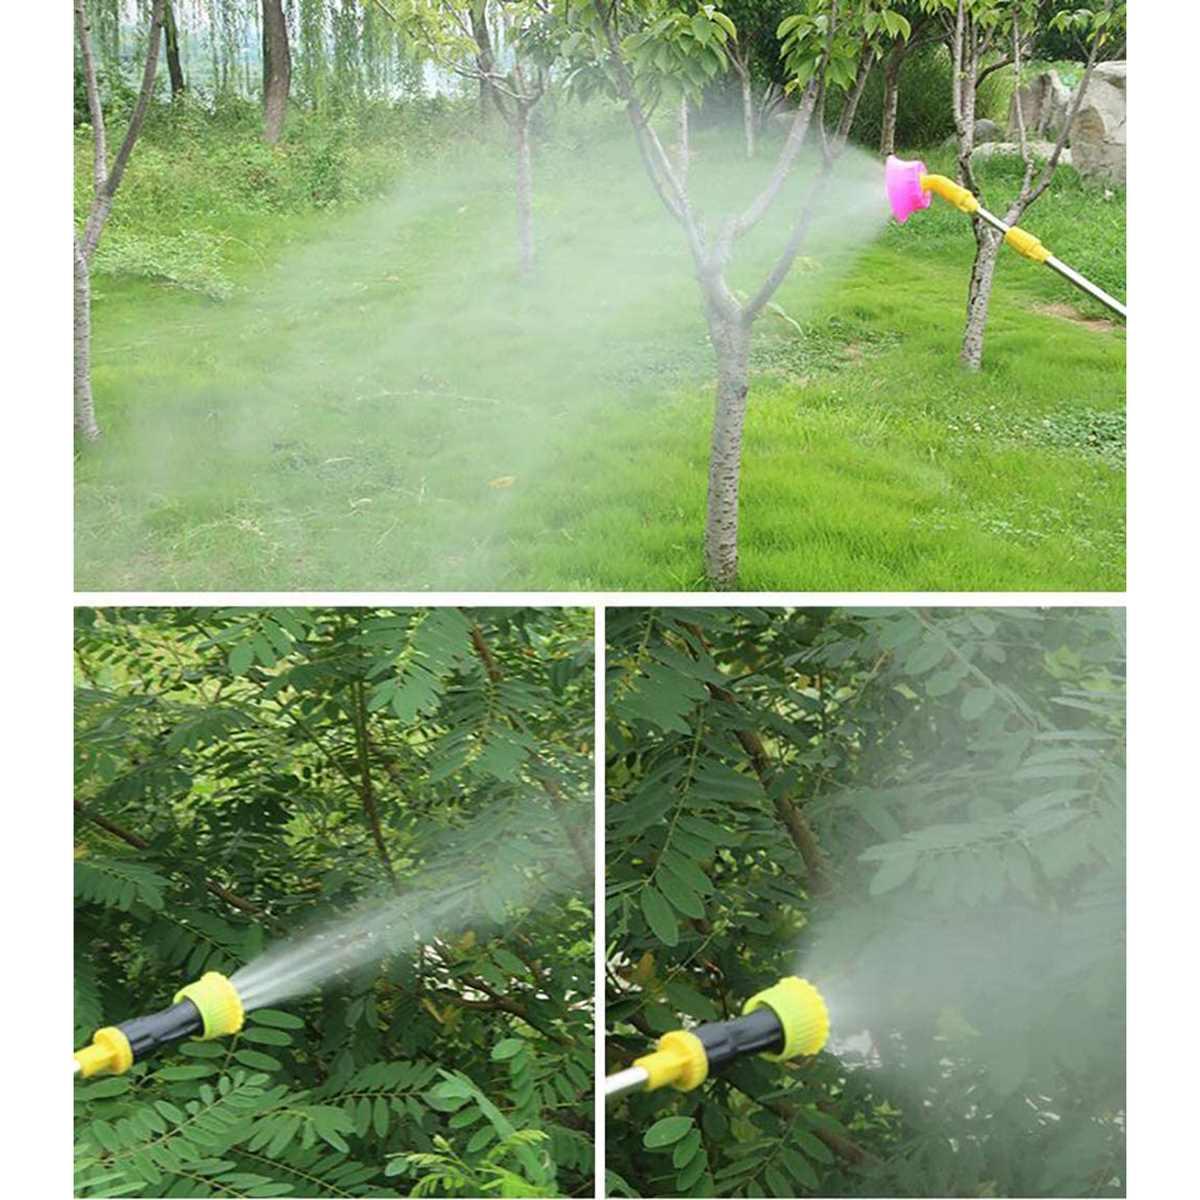 Agricultural Pesticide Spray Equipment Backpack Garden Intelligent Sprayer Knapsack 20 Litre 12v 220v Battery Electric ULV Foger-4